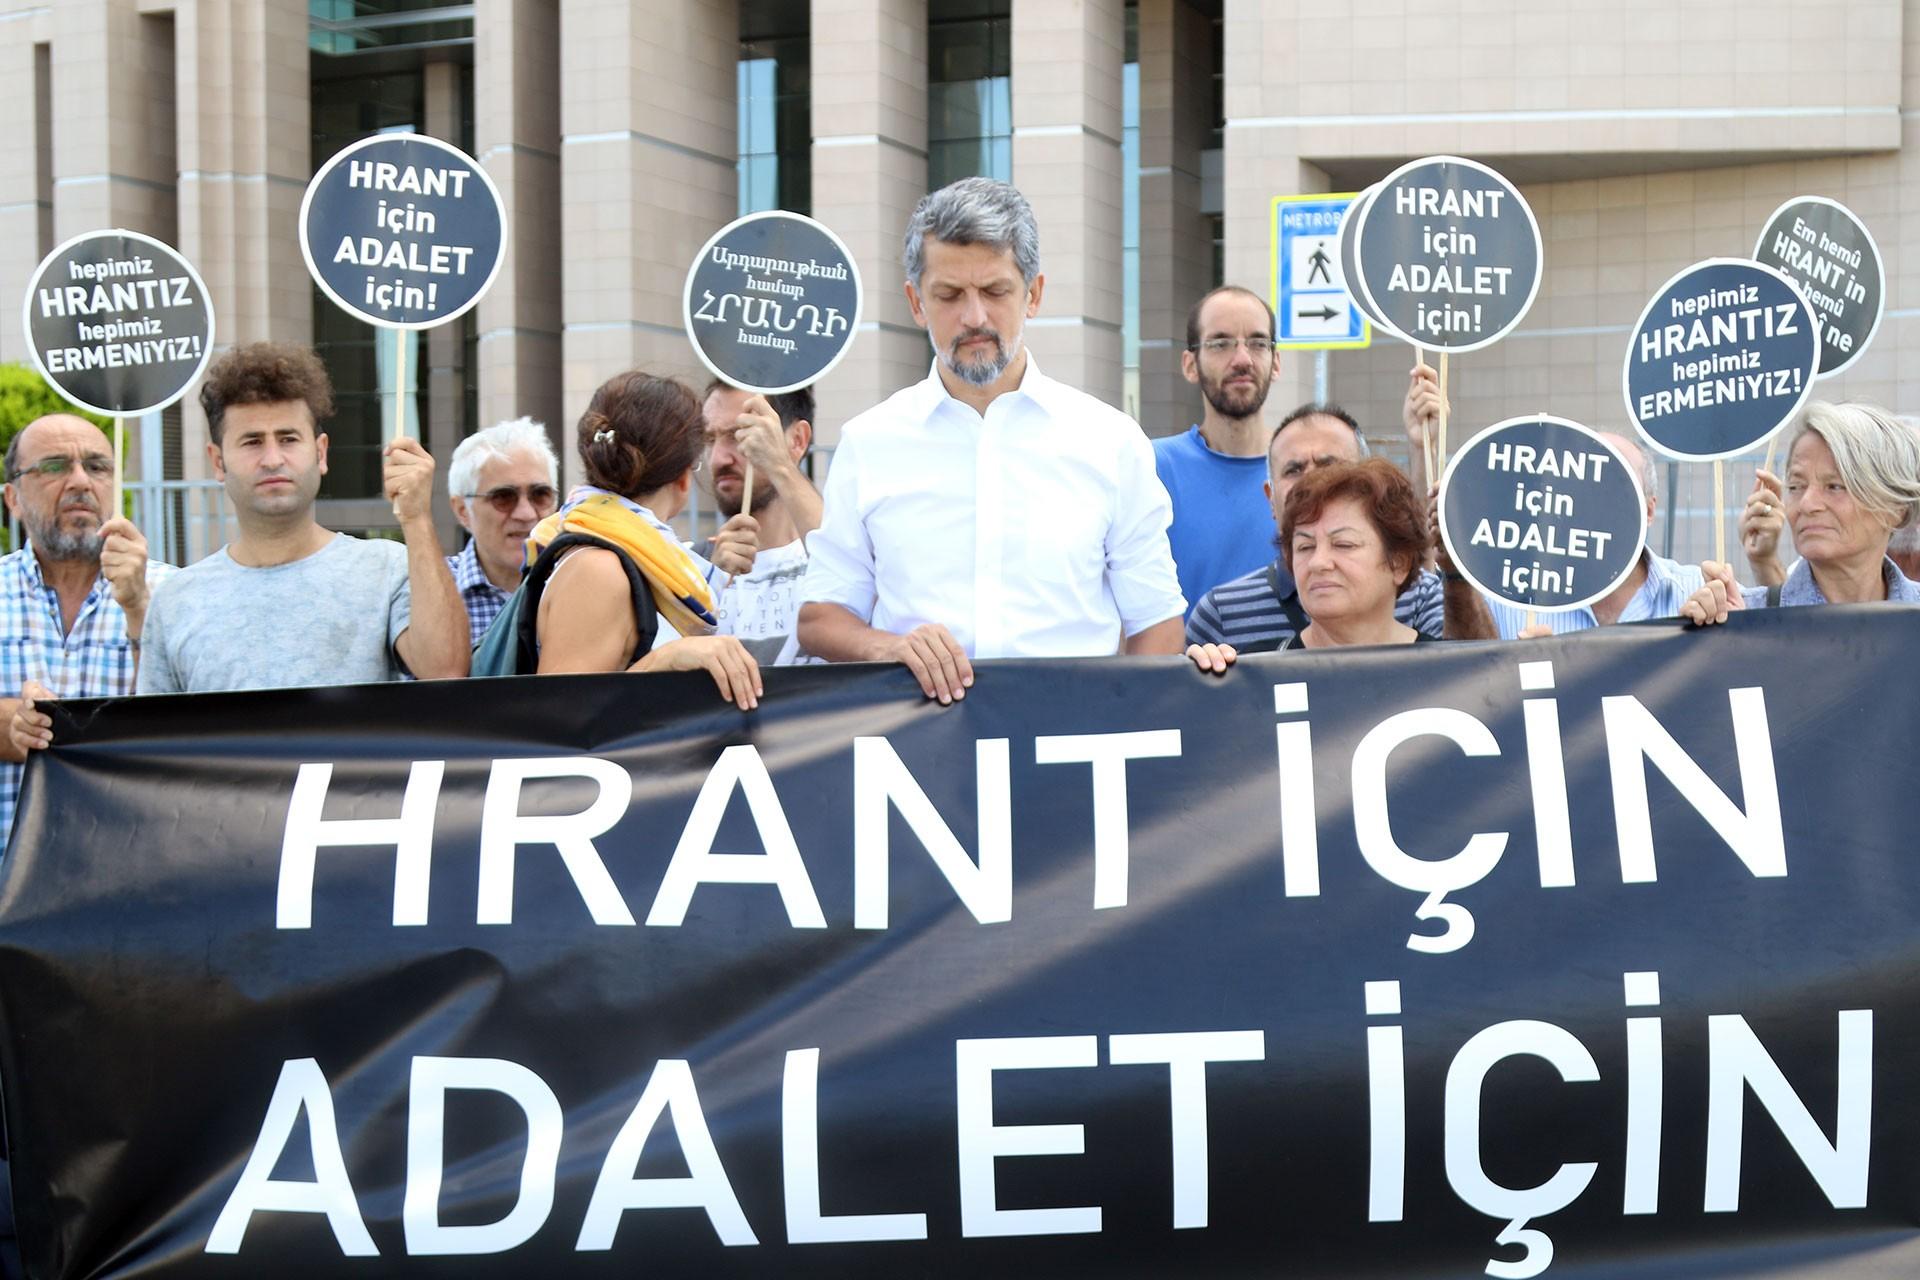 Hrant Dink davasının 27. duruşması: 'Öldür' diyenler yargılansın